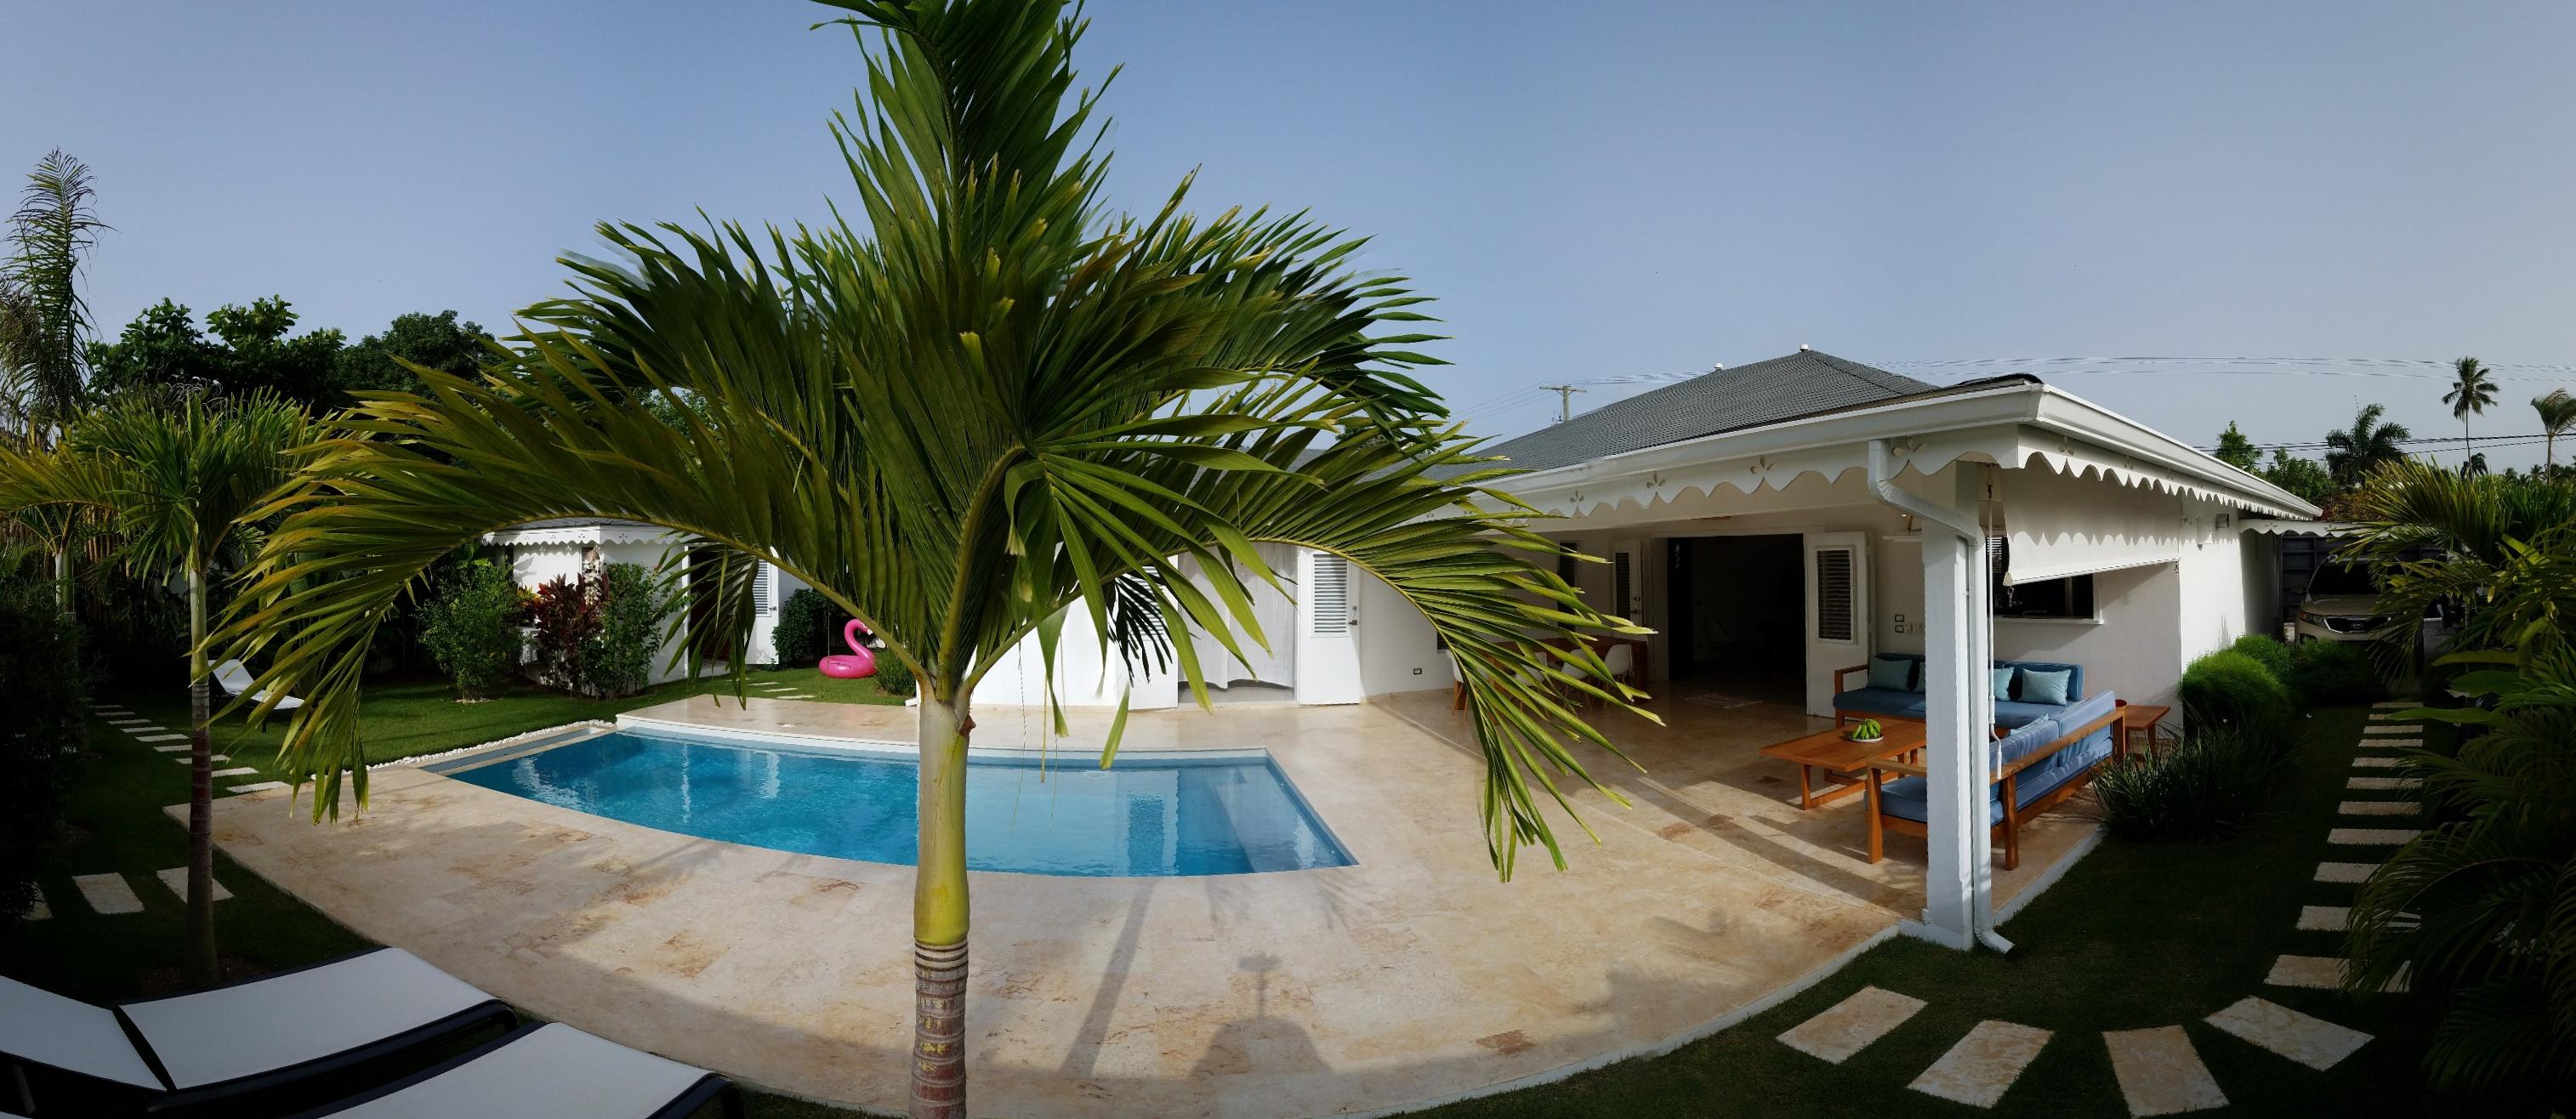 CASA LUNA : 4 BED 4.5 BATH VILLA - LAS BALLENAS - $425,000 USD